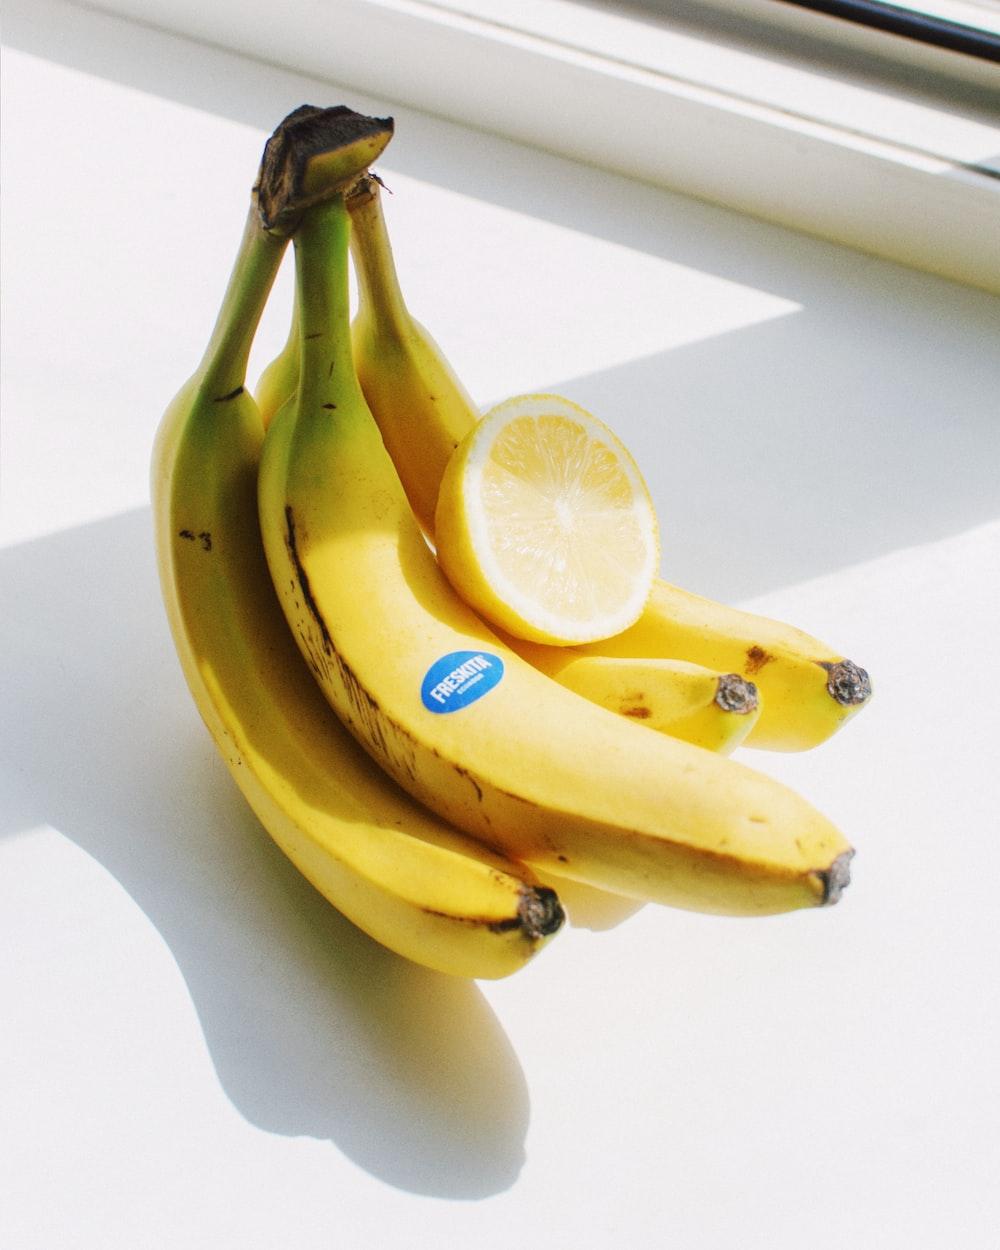 yellow banana fruit beside sliced lemon